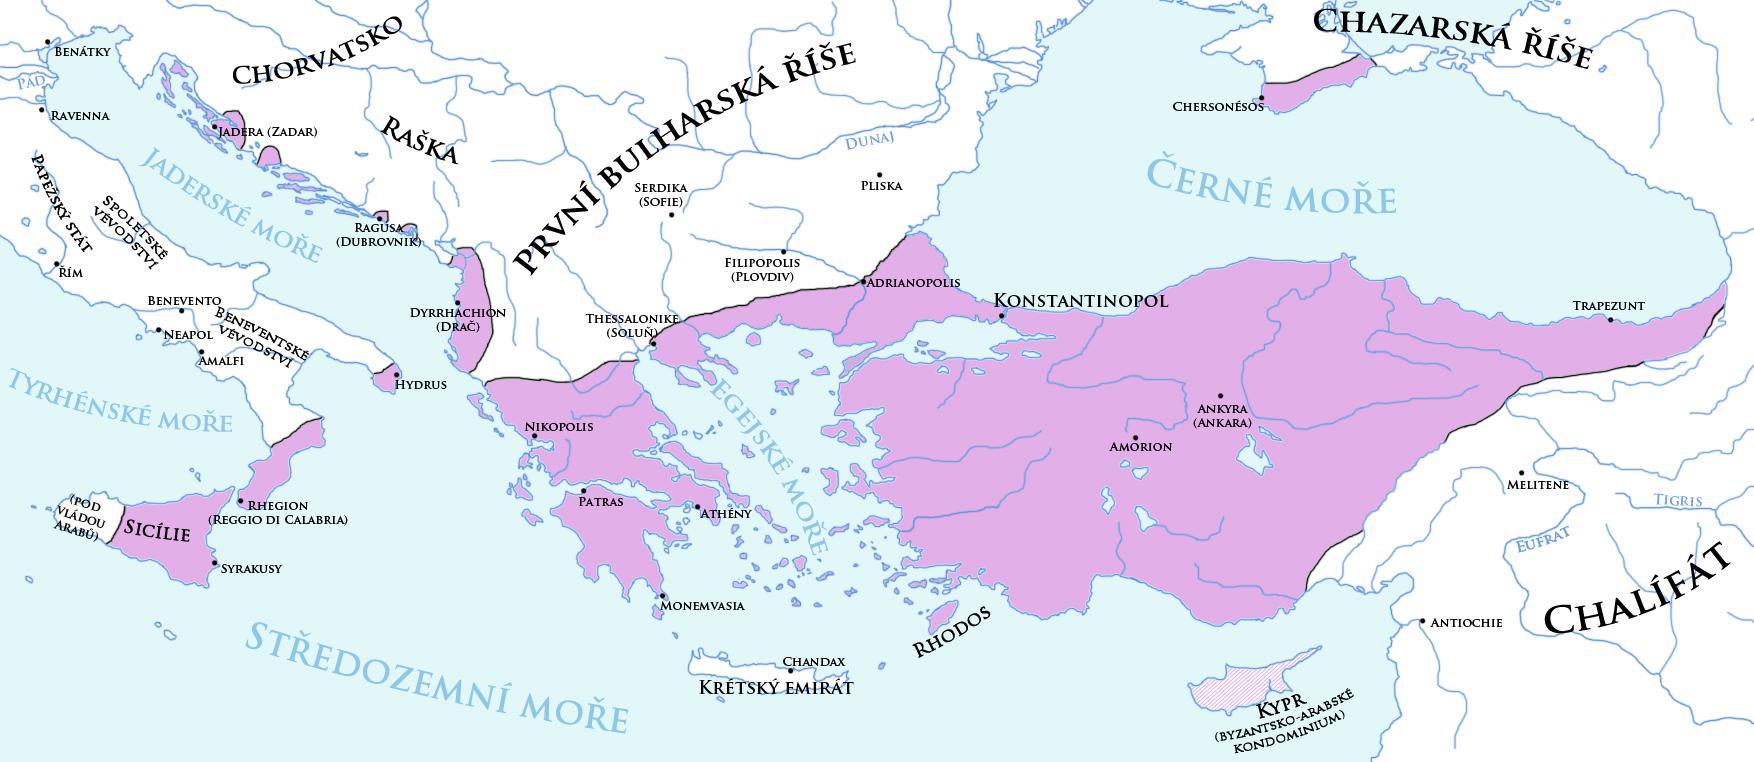 https://upload.wikimedia.org/wikipedia/commons/0/0b/ByzantineEmpireMap-cs-842.png